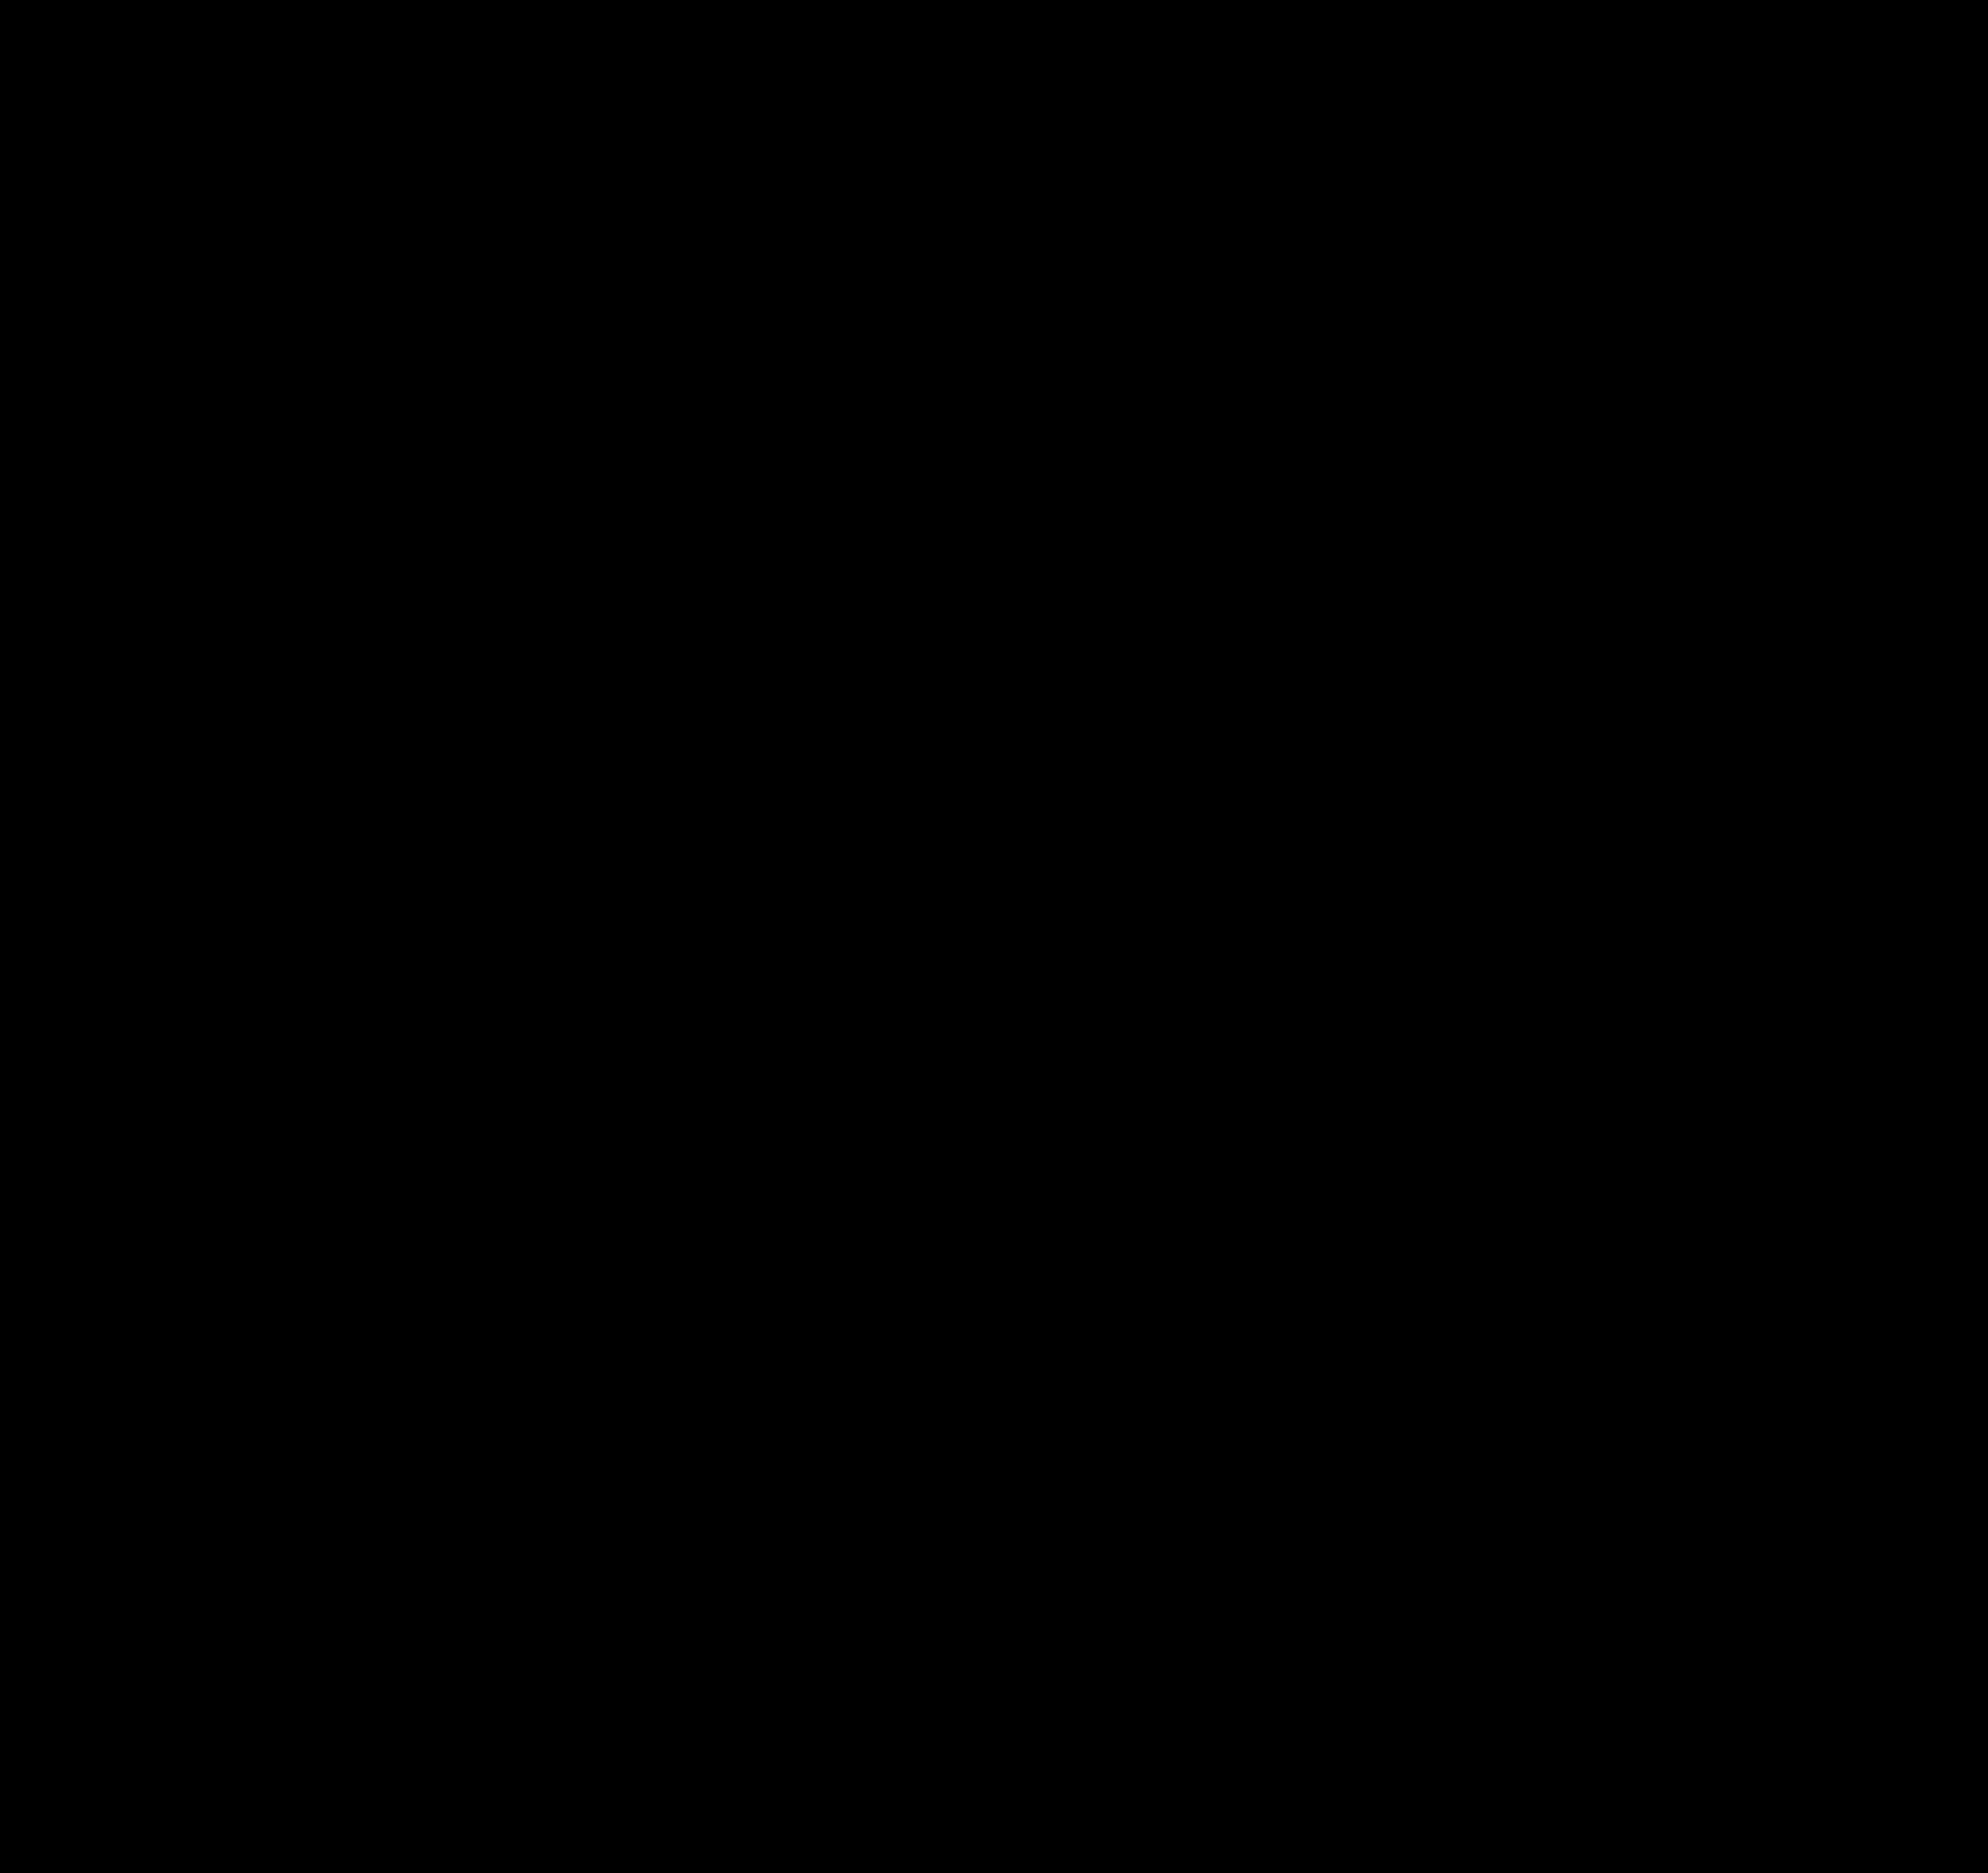 Thermal Lane Marker